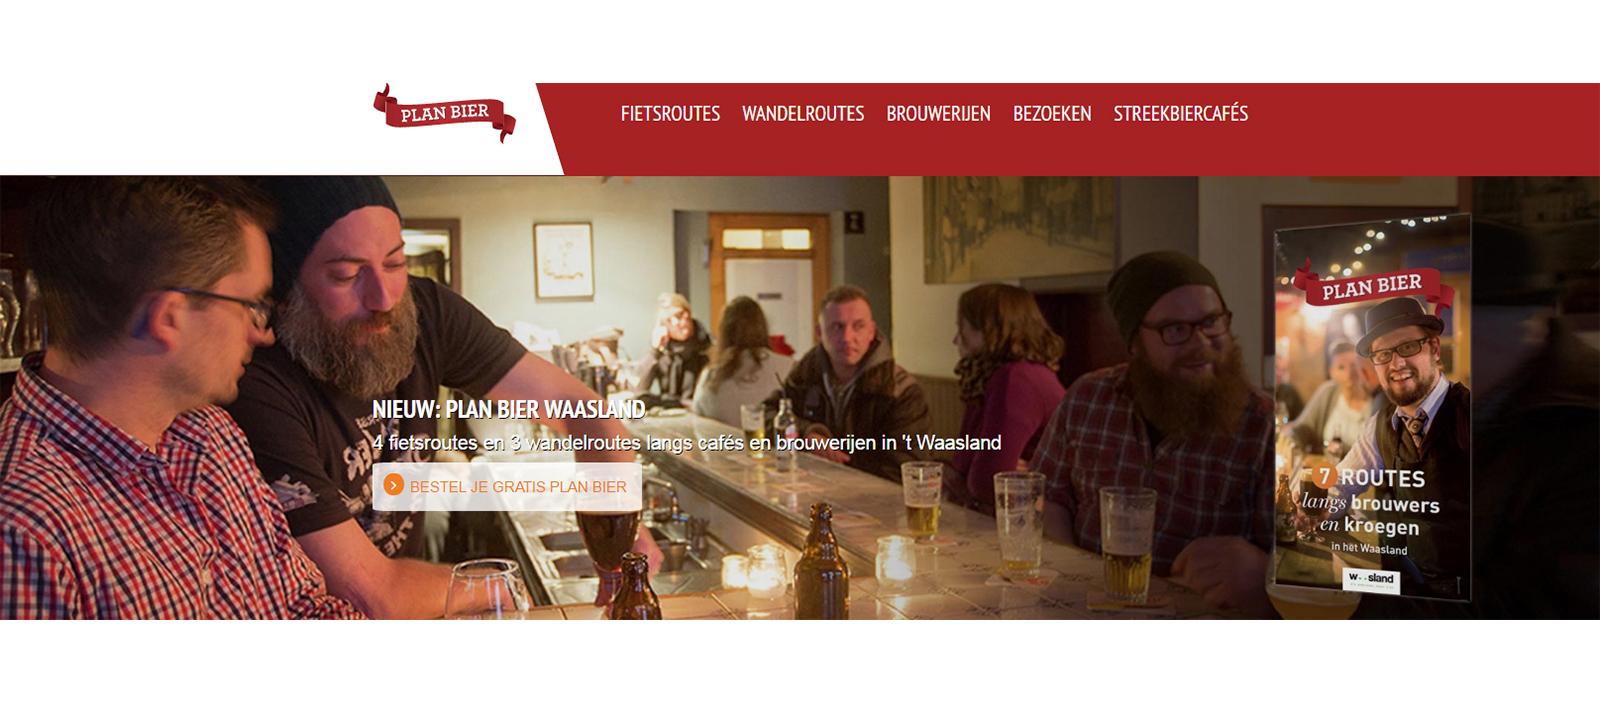 Nieuwe Plan Bier website